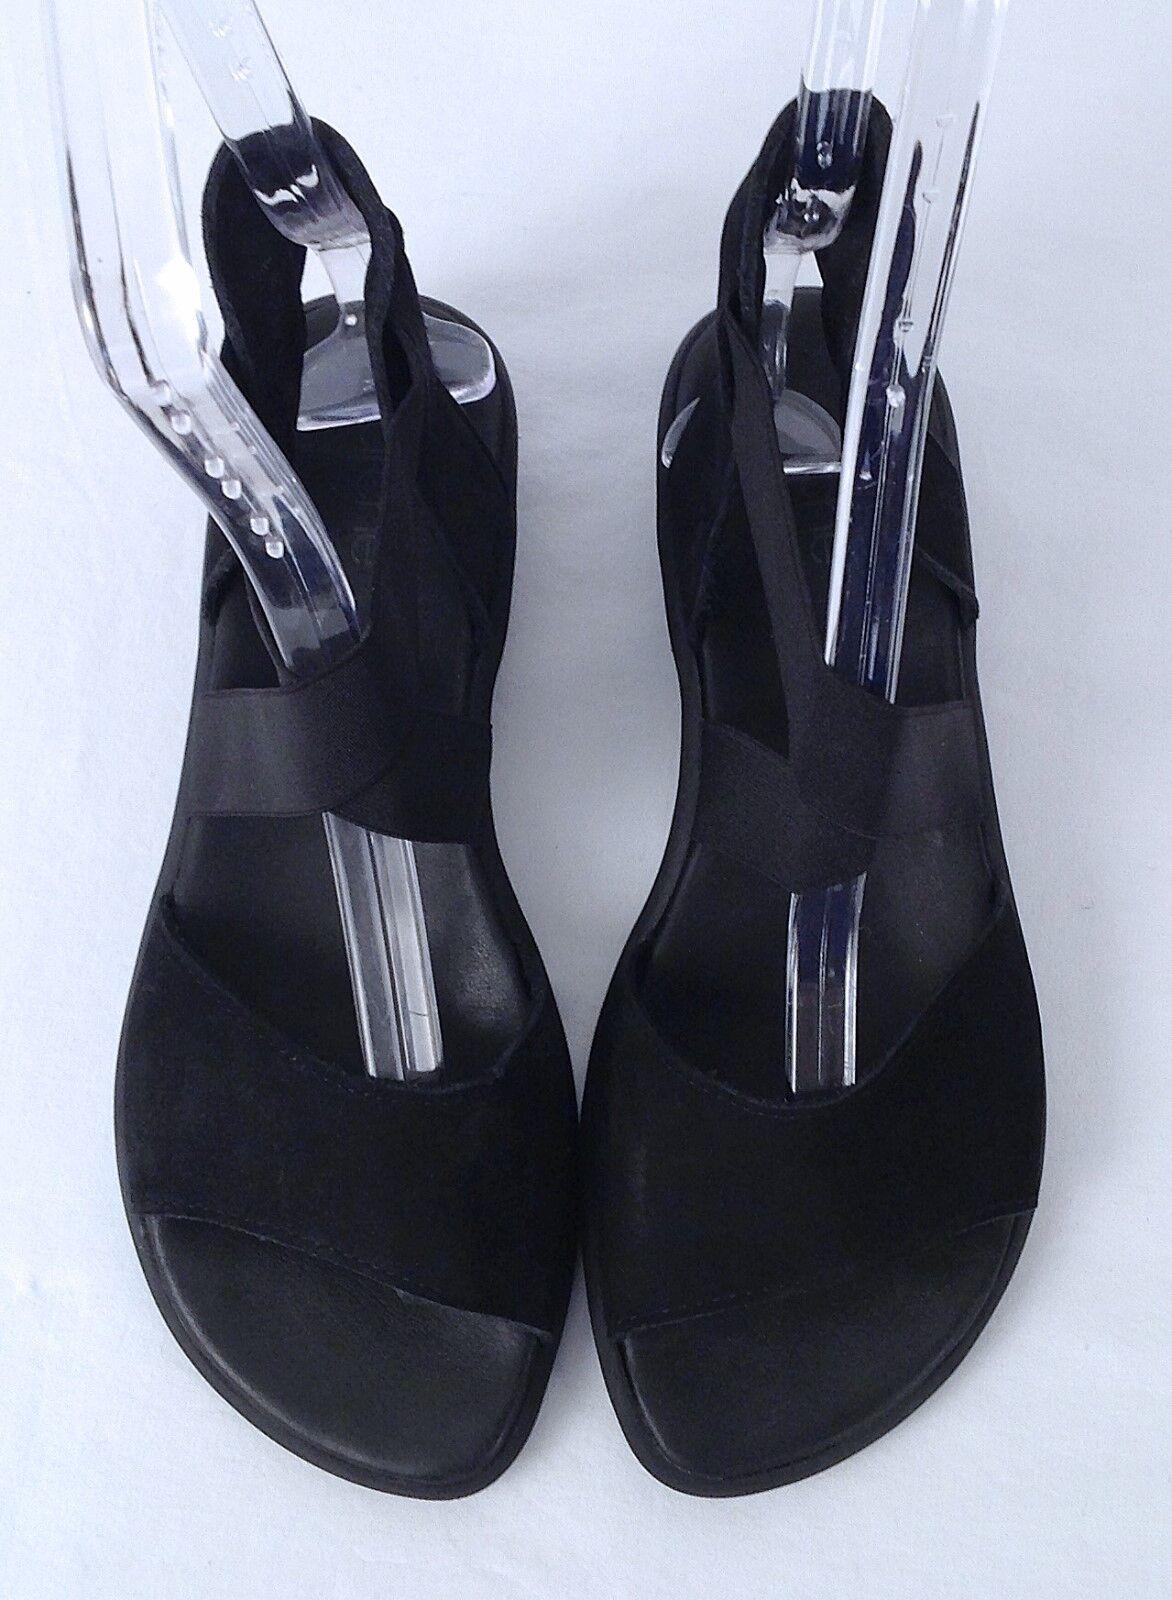 Arche 'Satia' Sandal - Black- Size 7 US  38 EU -  298  (P12)